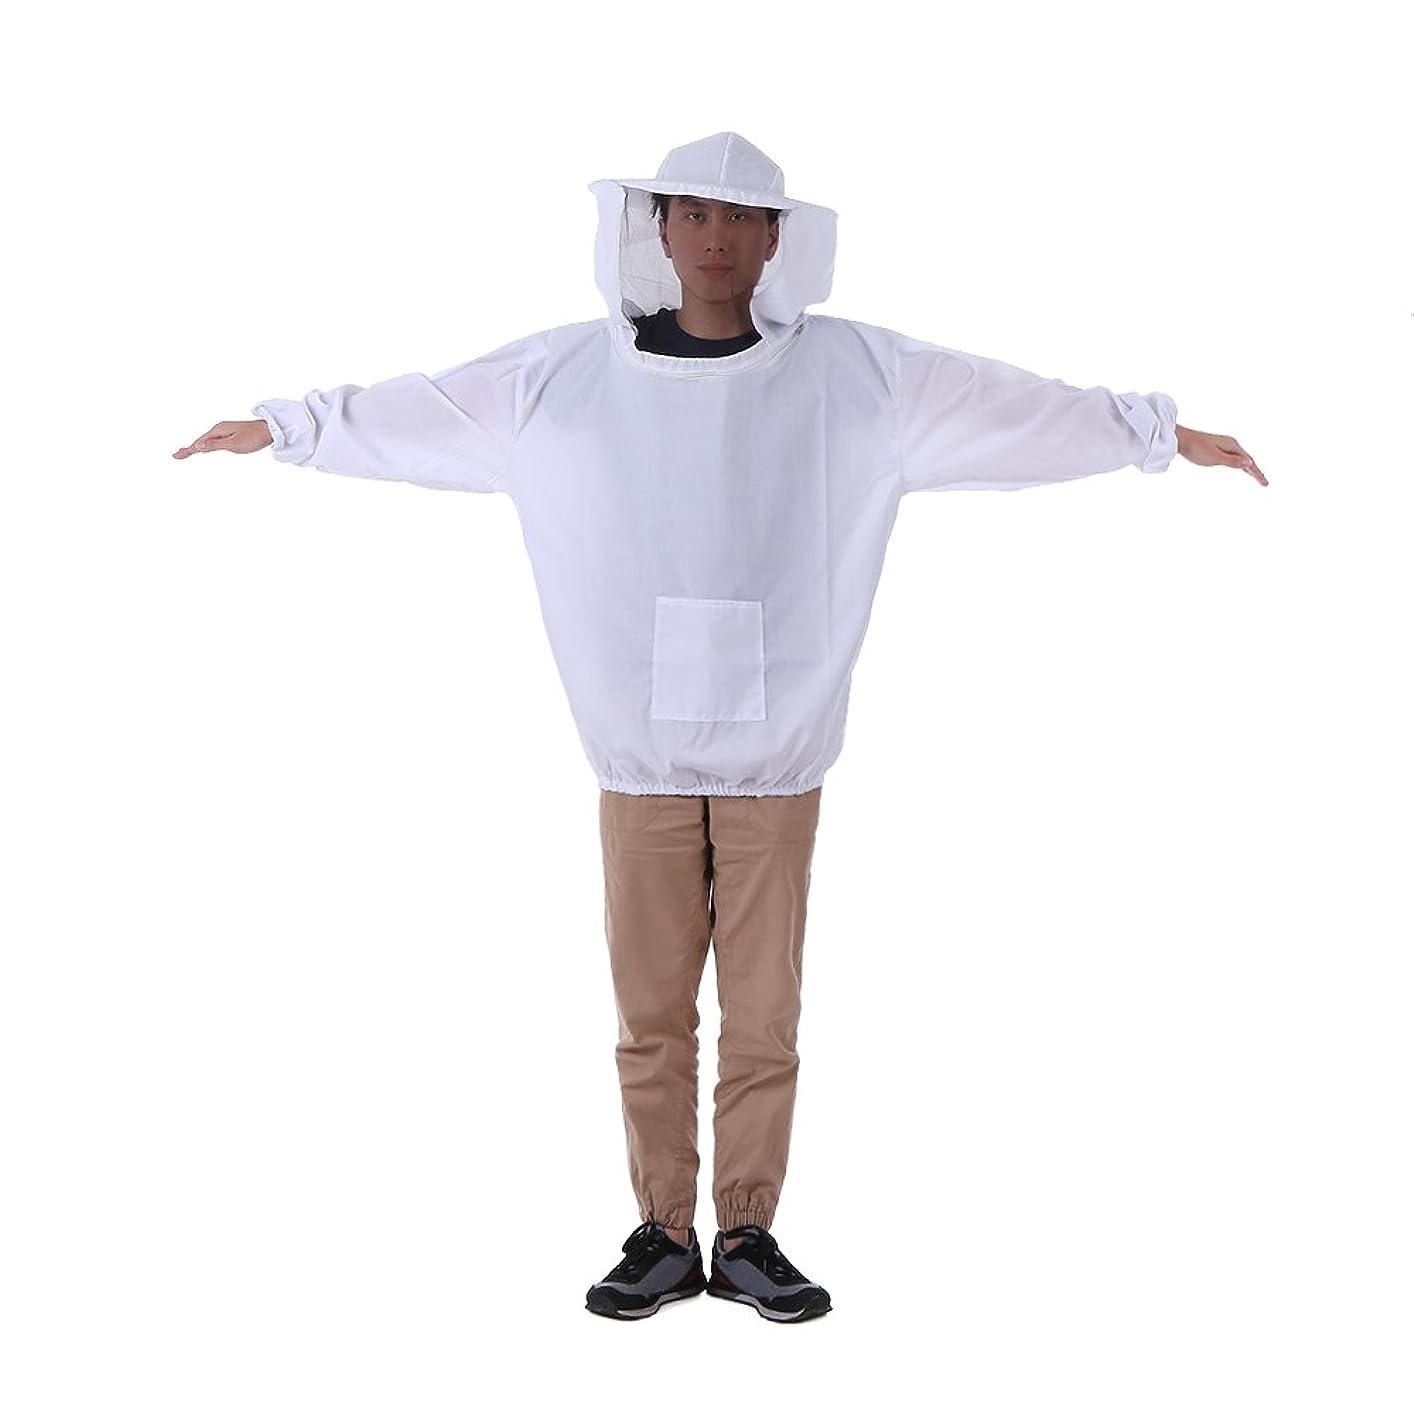 征服者安西バッチDecdeal 養蜂ジャケット ベール 養蜂帽子 スモック 防護服キット ワンサイズ